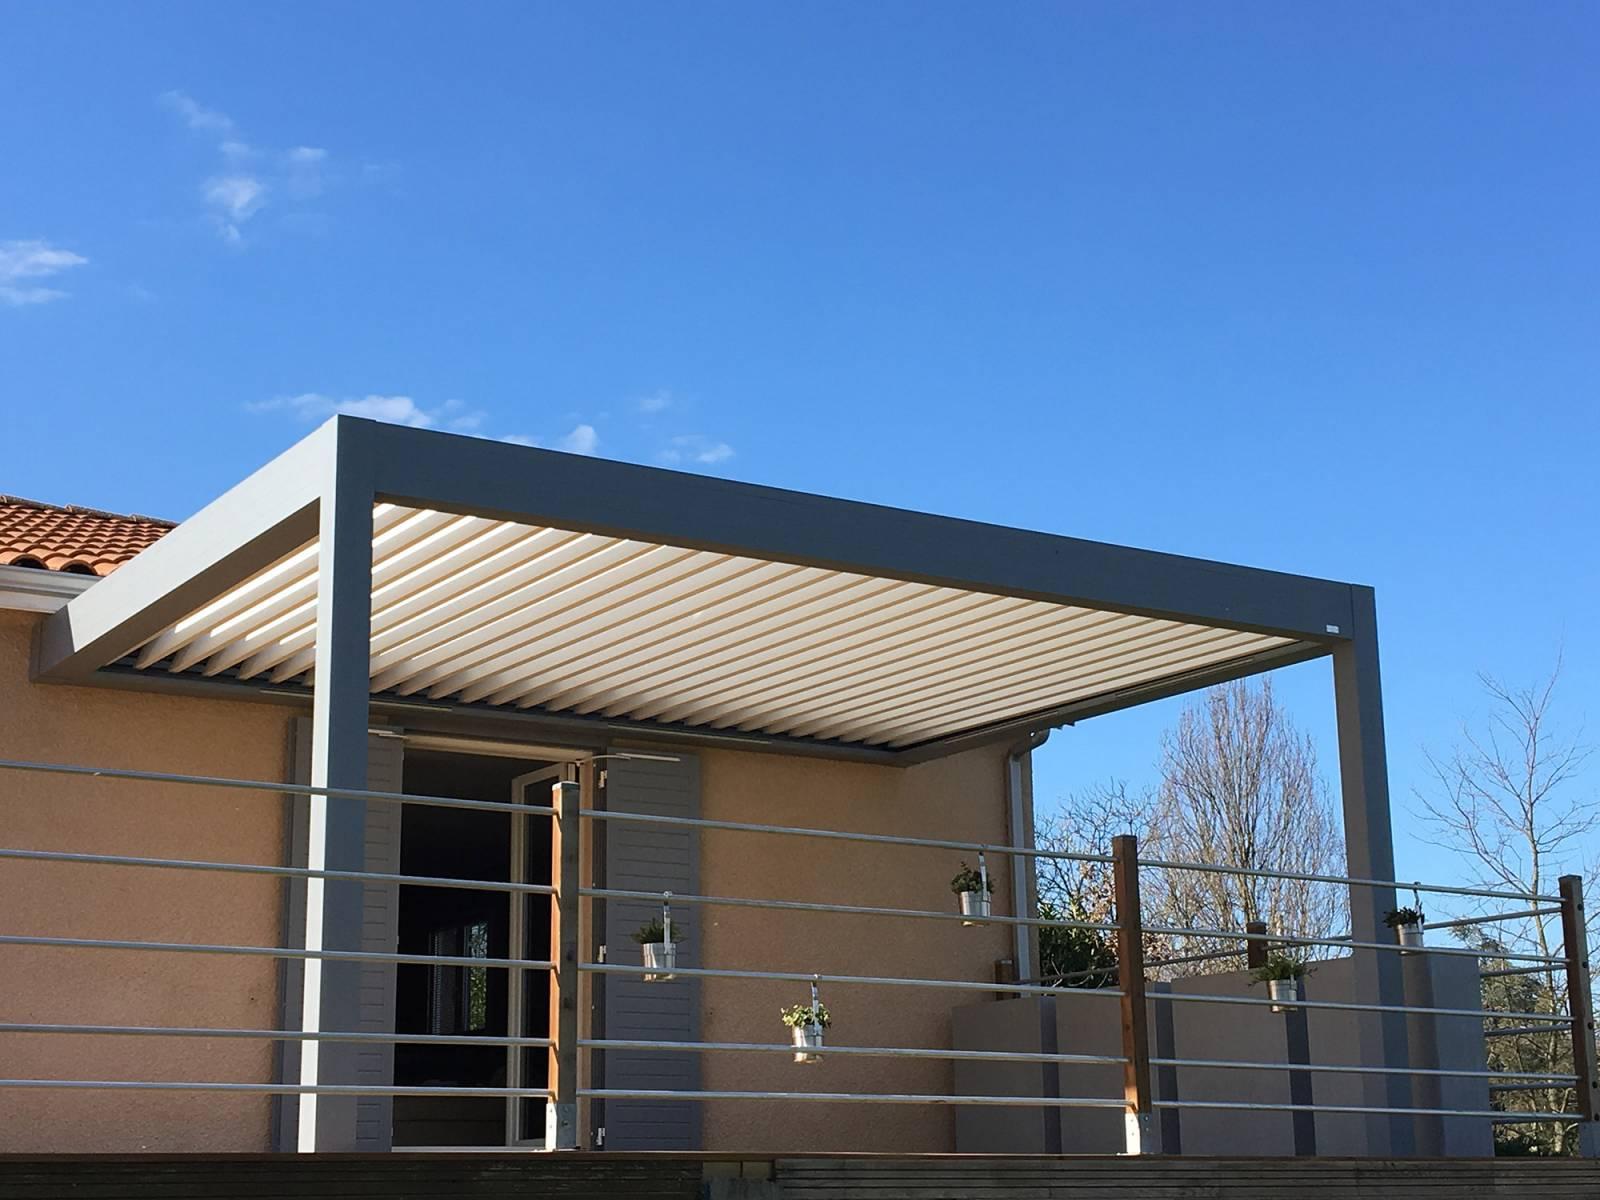 Vente De Pergola En Aluminium 4X3 Mètres Bioclimatique À ... encequiconcerne Pergola Bioclimatique Rouen